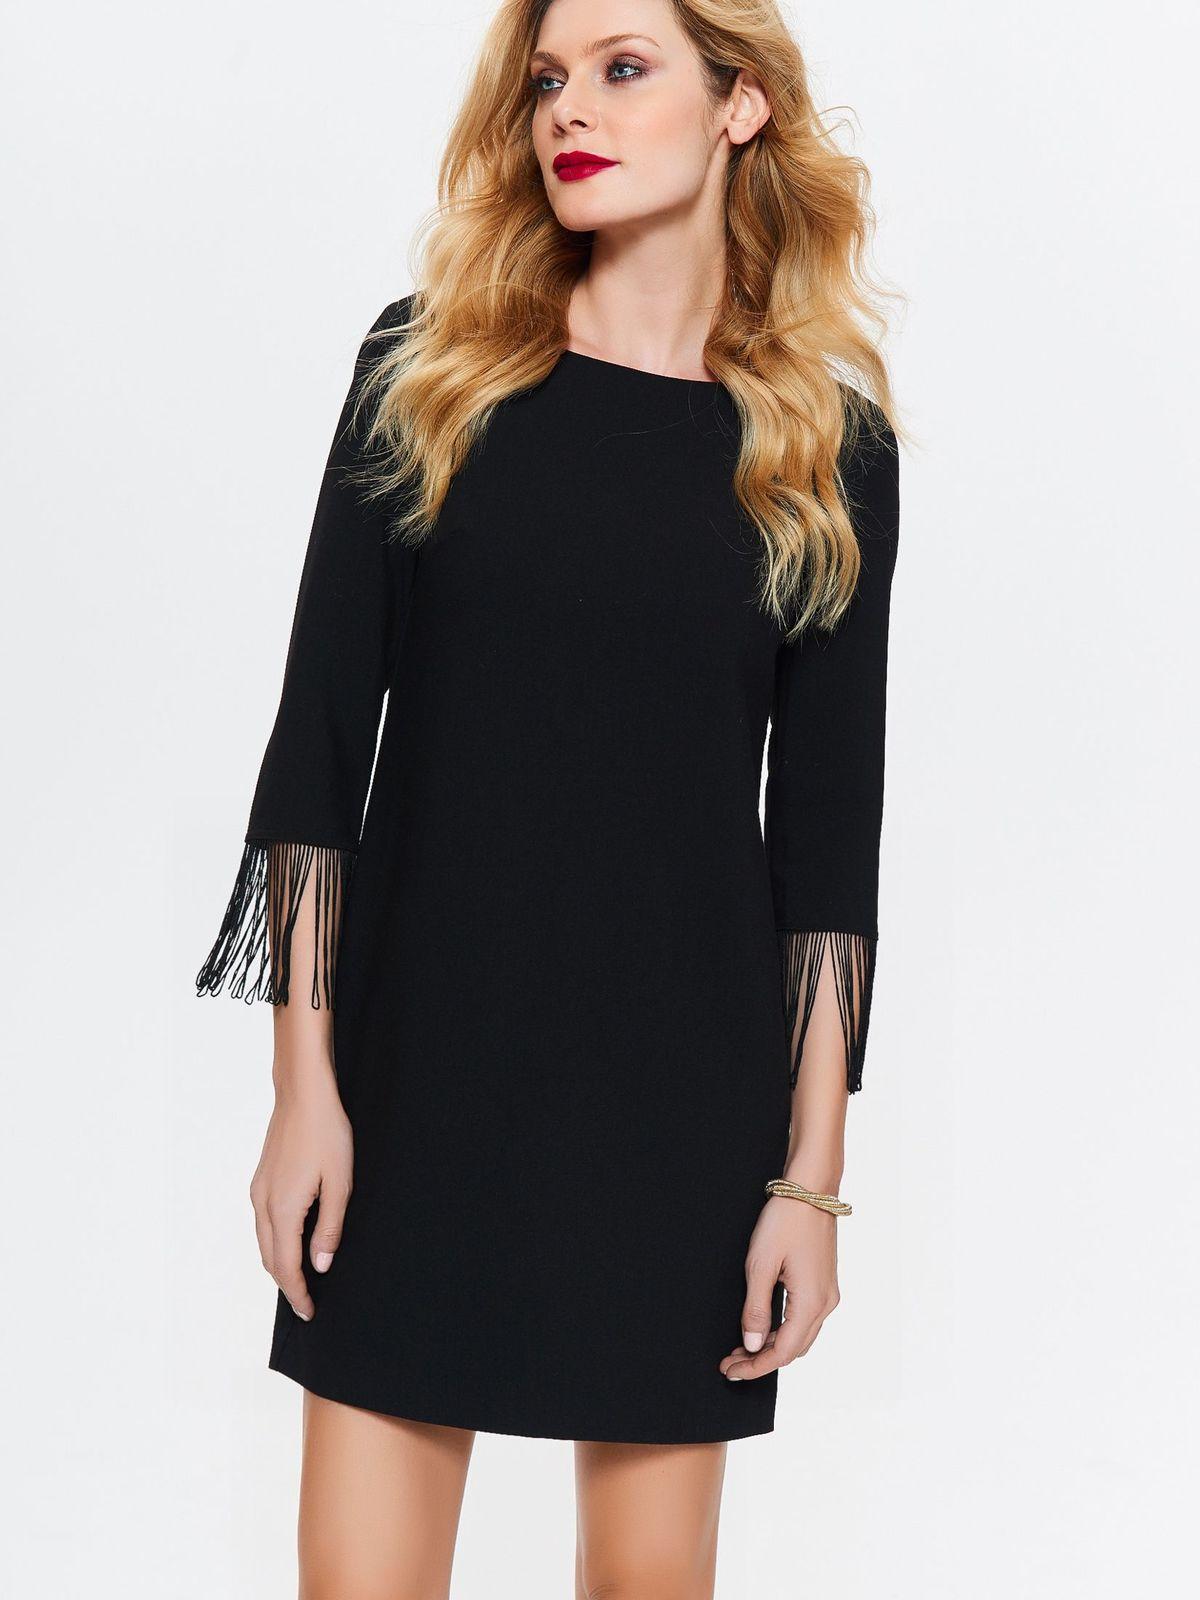 TOP SECRET TOP SECRET φορεμα με κροσια